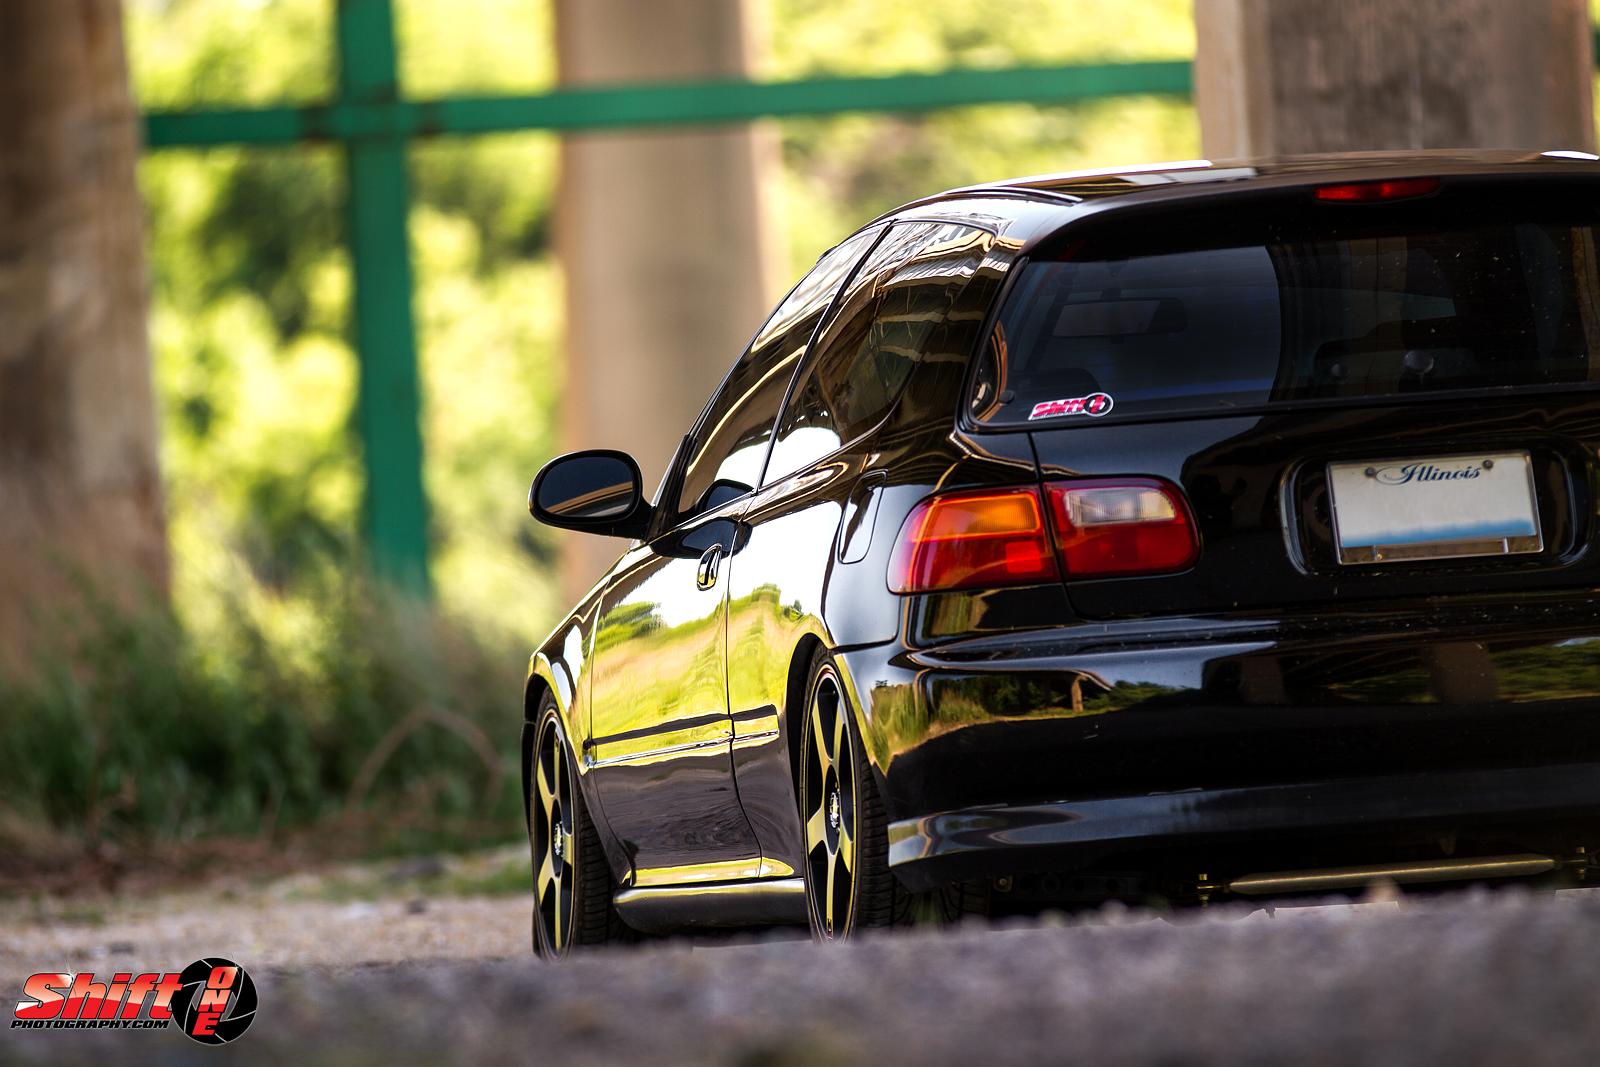 93 Civic Hatch Honda Civic Hatchback Civic Hatchback Civic Eg